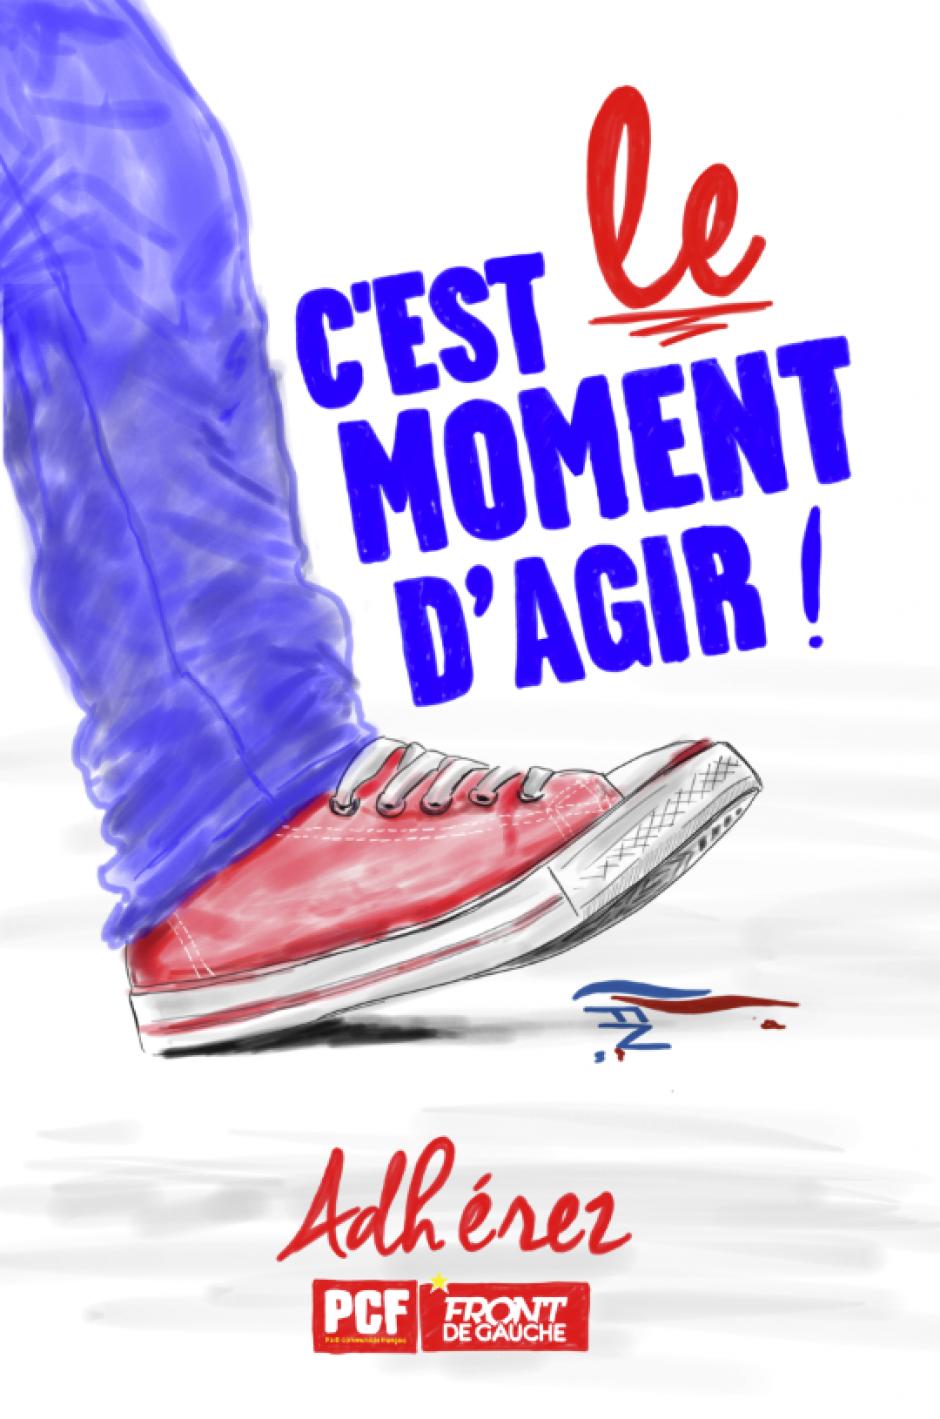 Pour faire vivre l'espoir à Gauche, Soyons à la hauteur des enjeux dans l'Hérault.